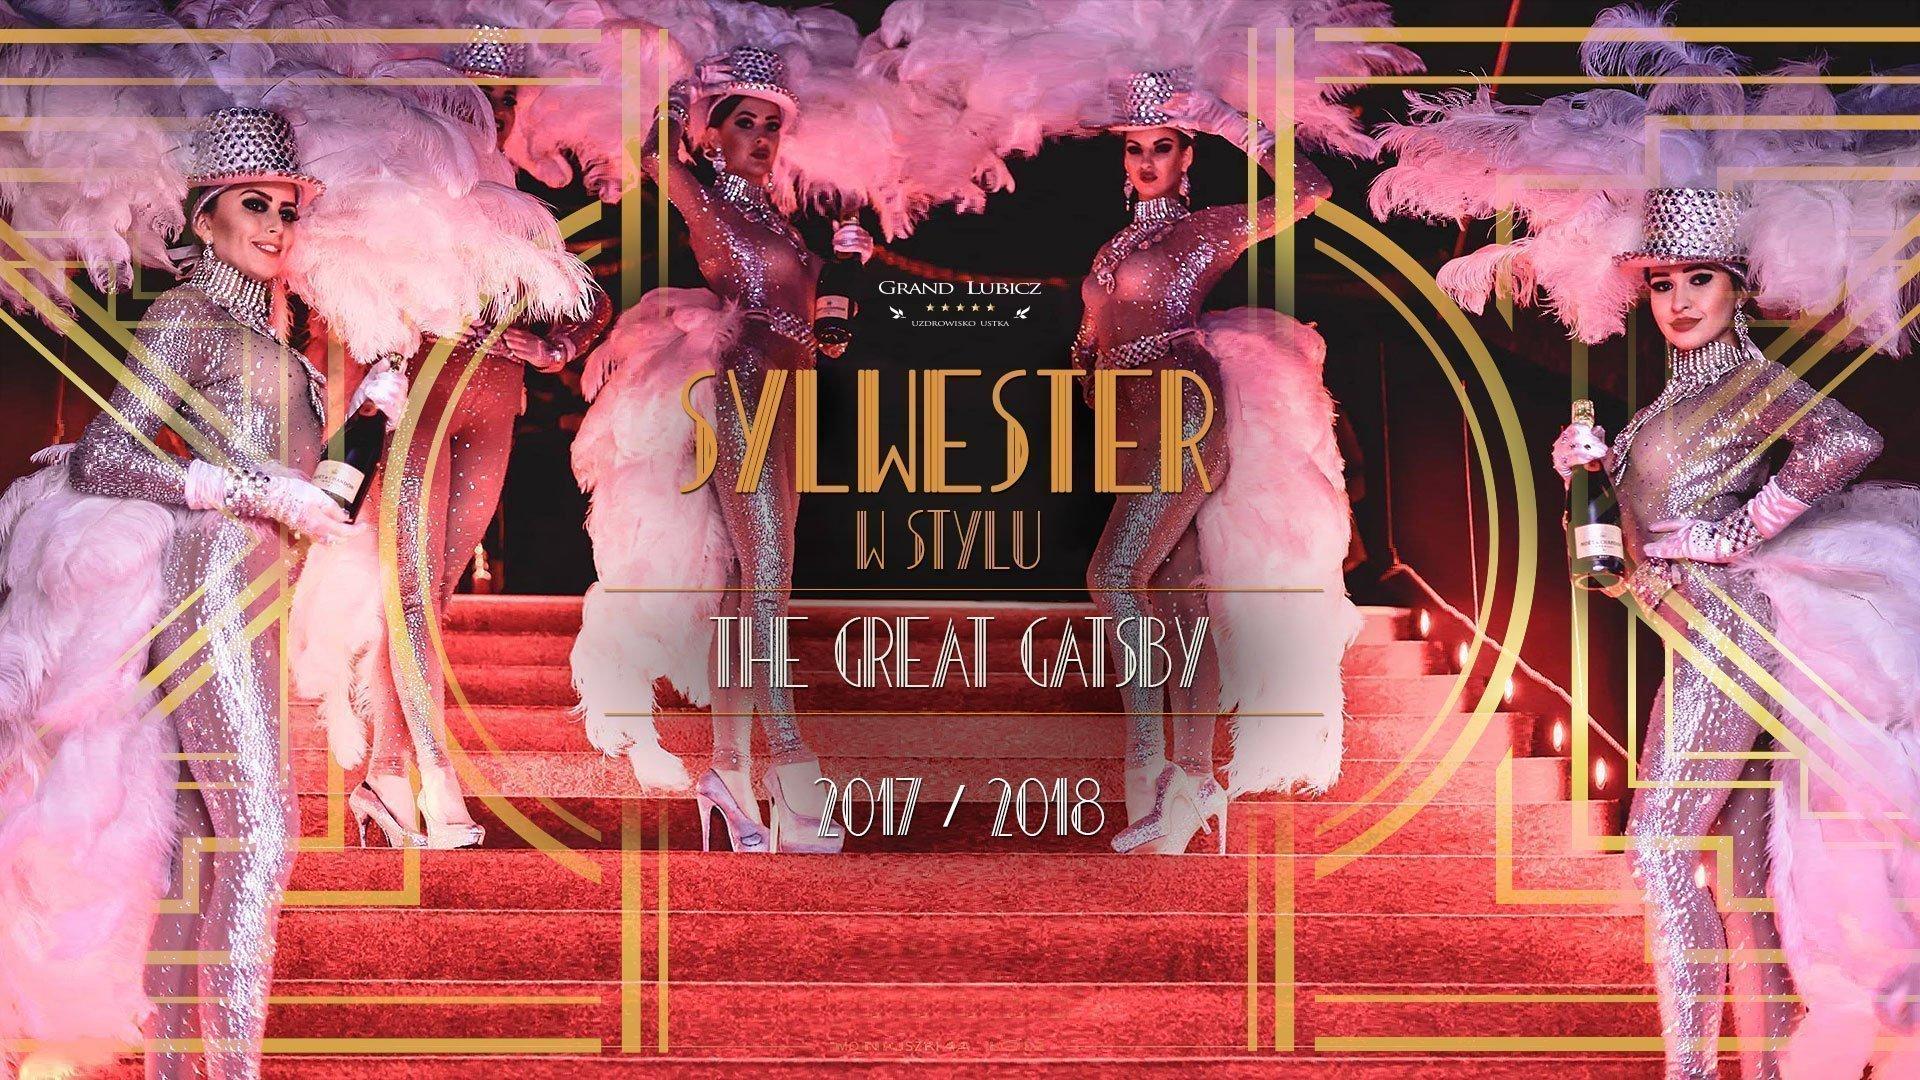 """Sylwester w stylu """"The Great Gatsby"""""""